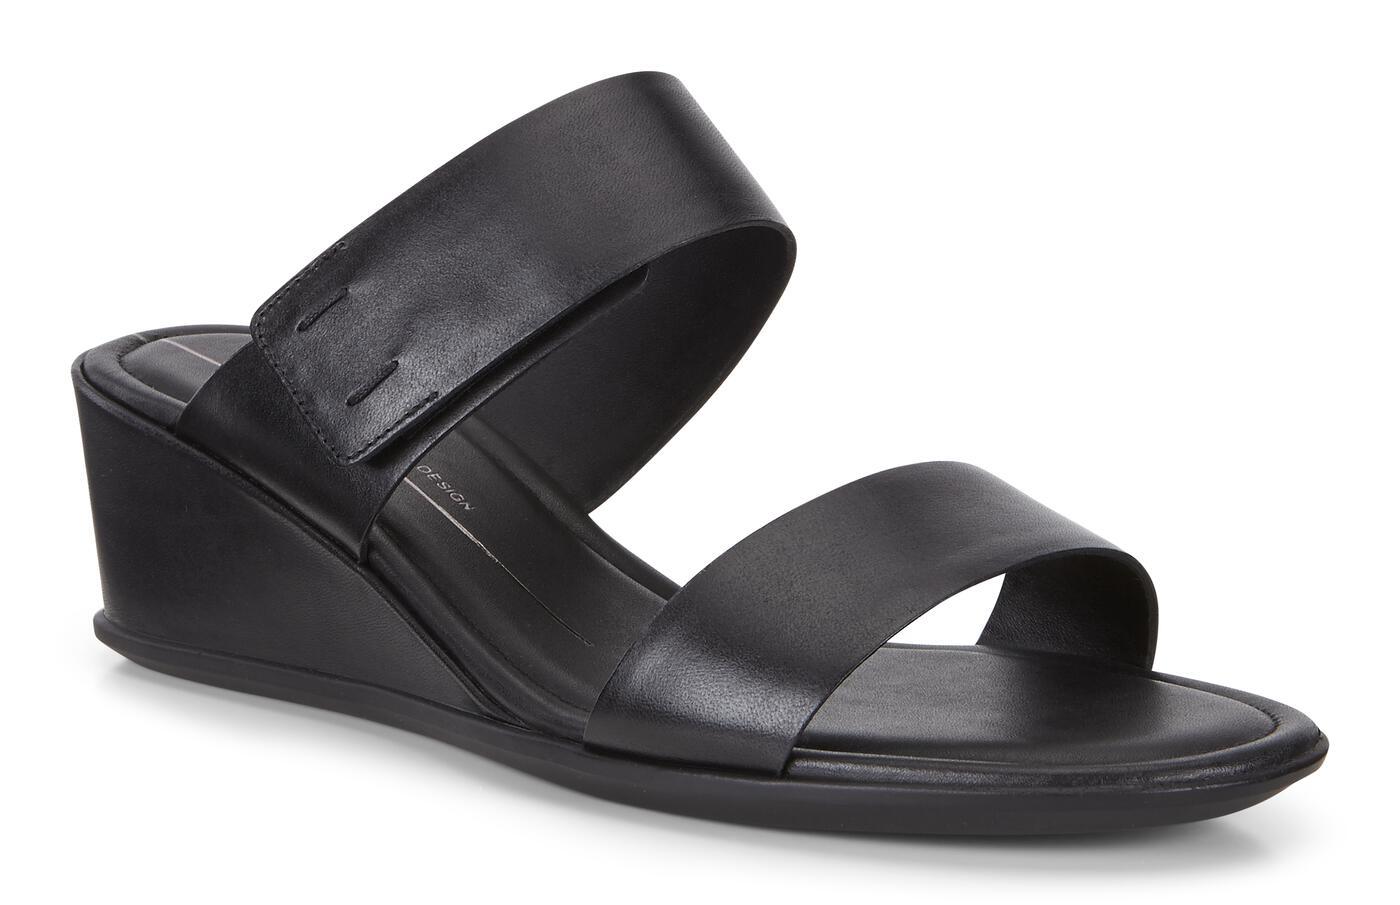 Chaussure compensée ECCO Shape 35, 2 lanières